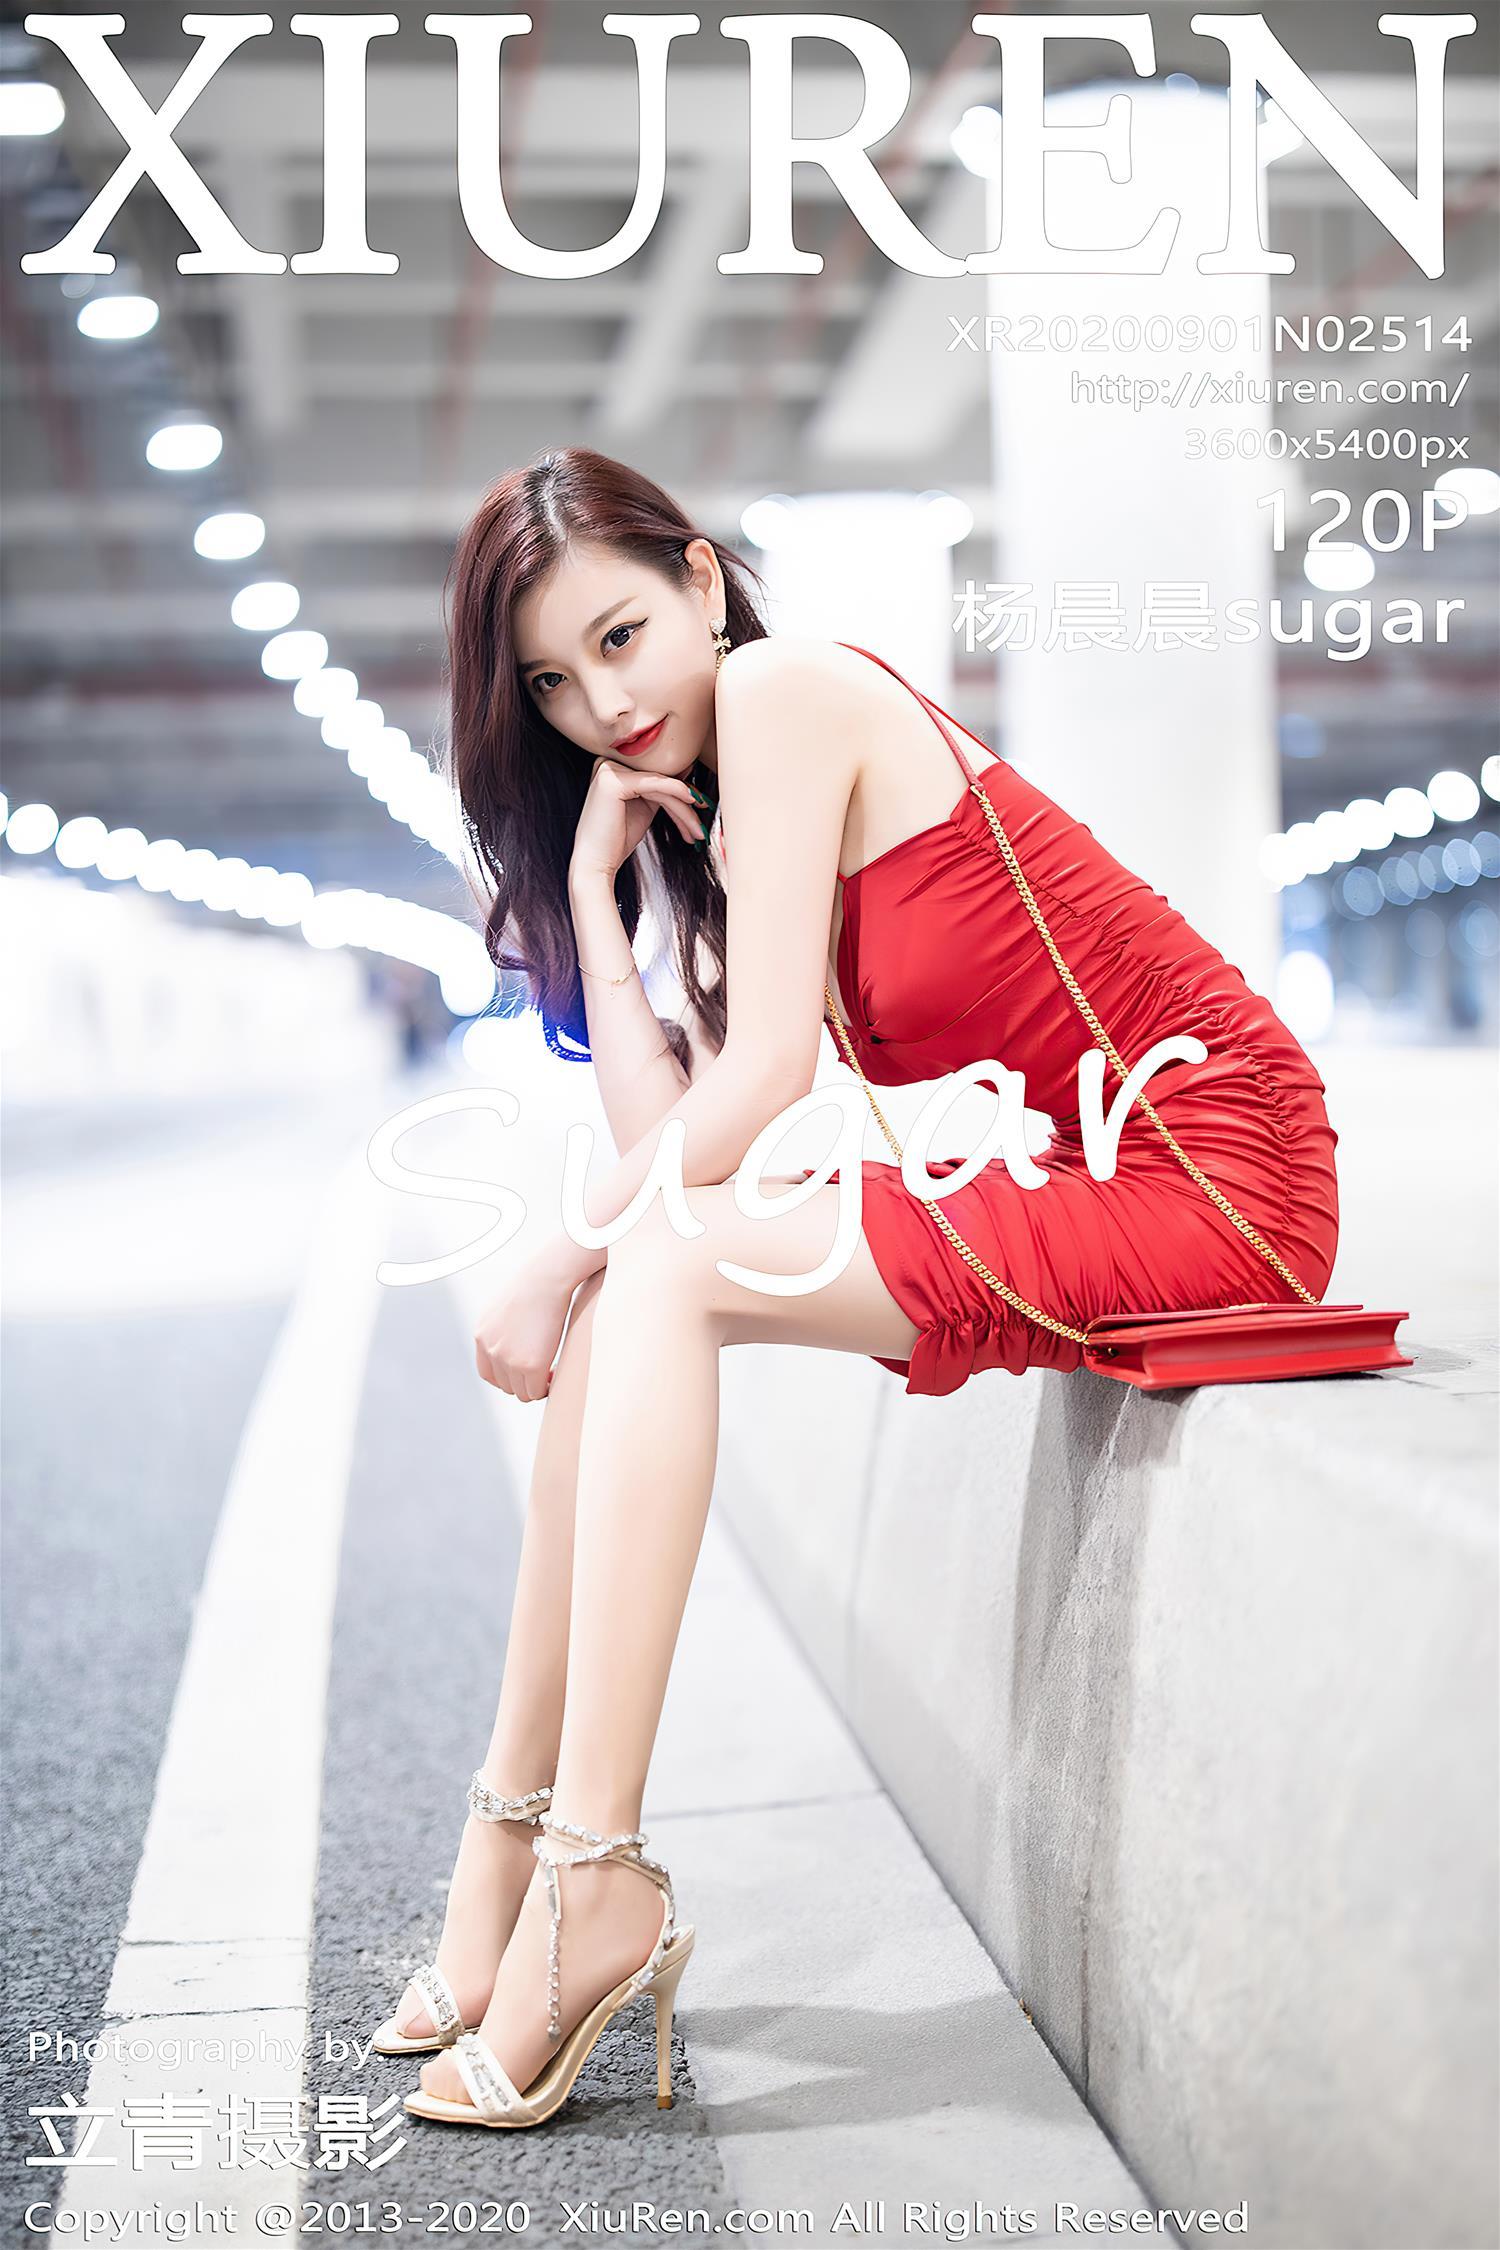 [XiuRen秀人网] 2020.09.01 NO.2514 杨晨晨sugar [121P]